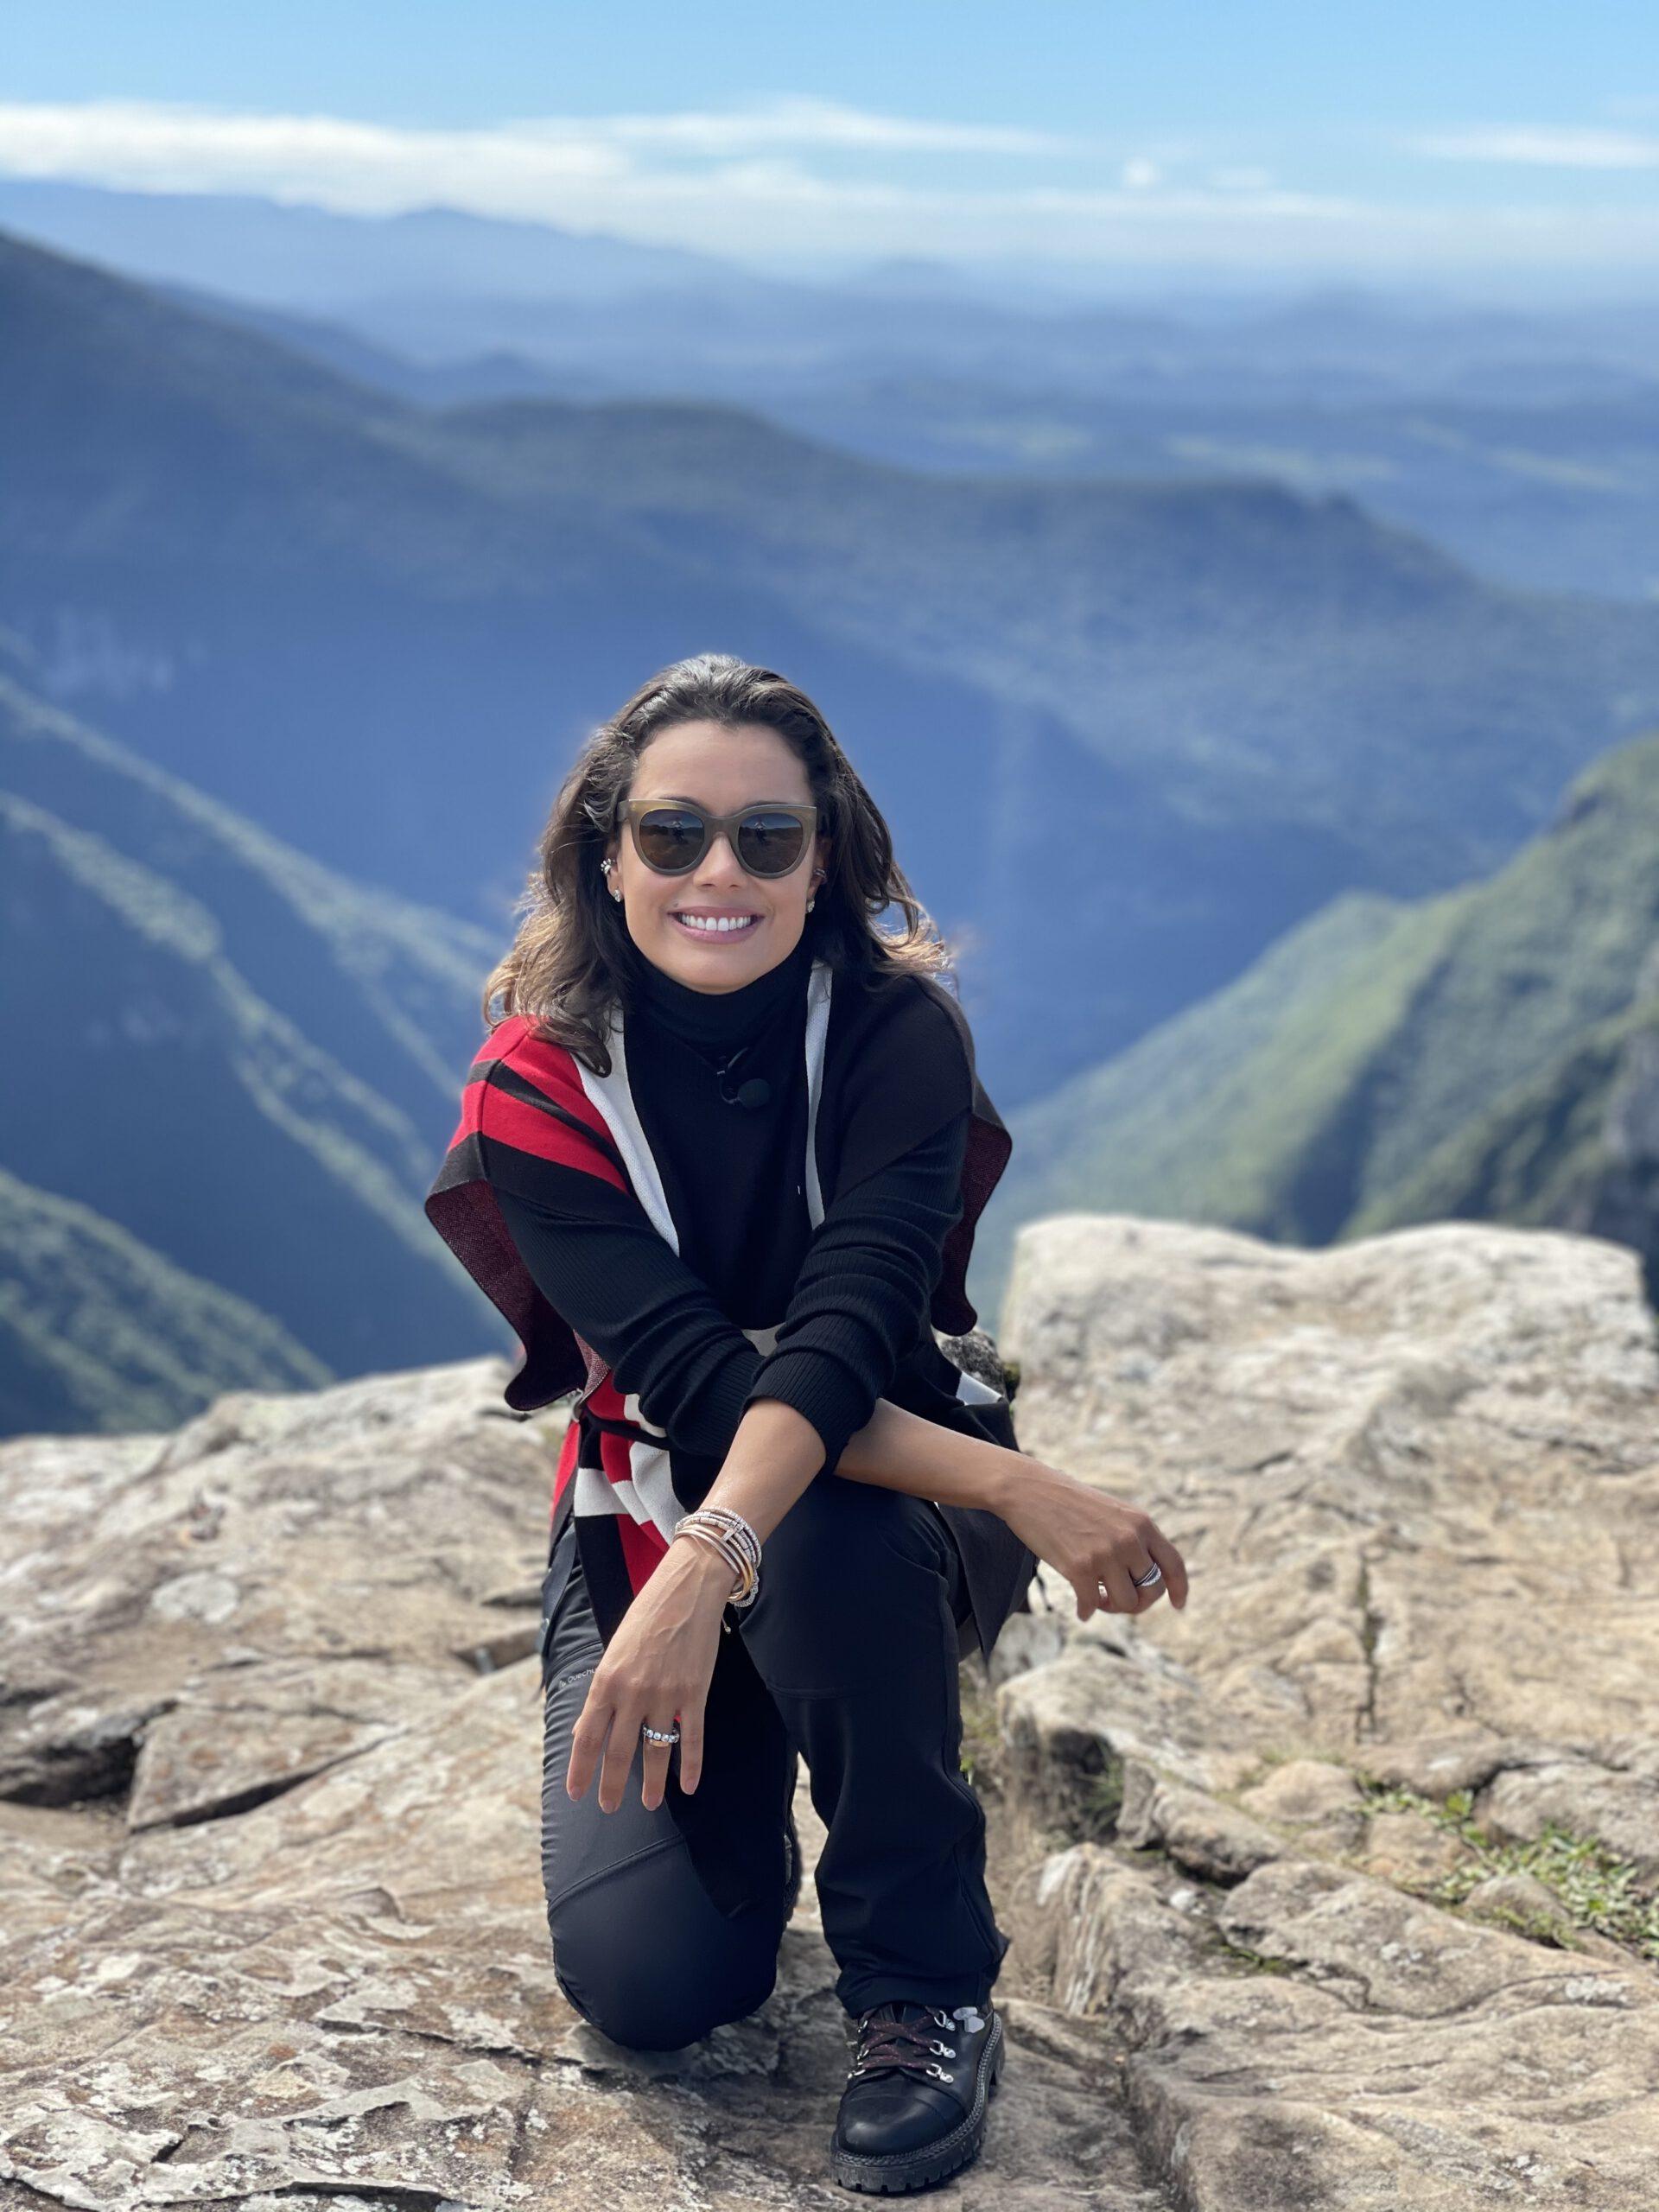 Daniela está à frente de um grande cânion no Rio Grande do Sul, Brasil